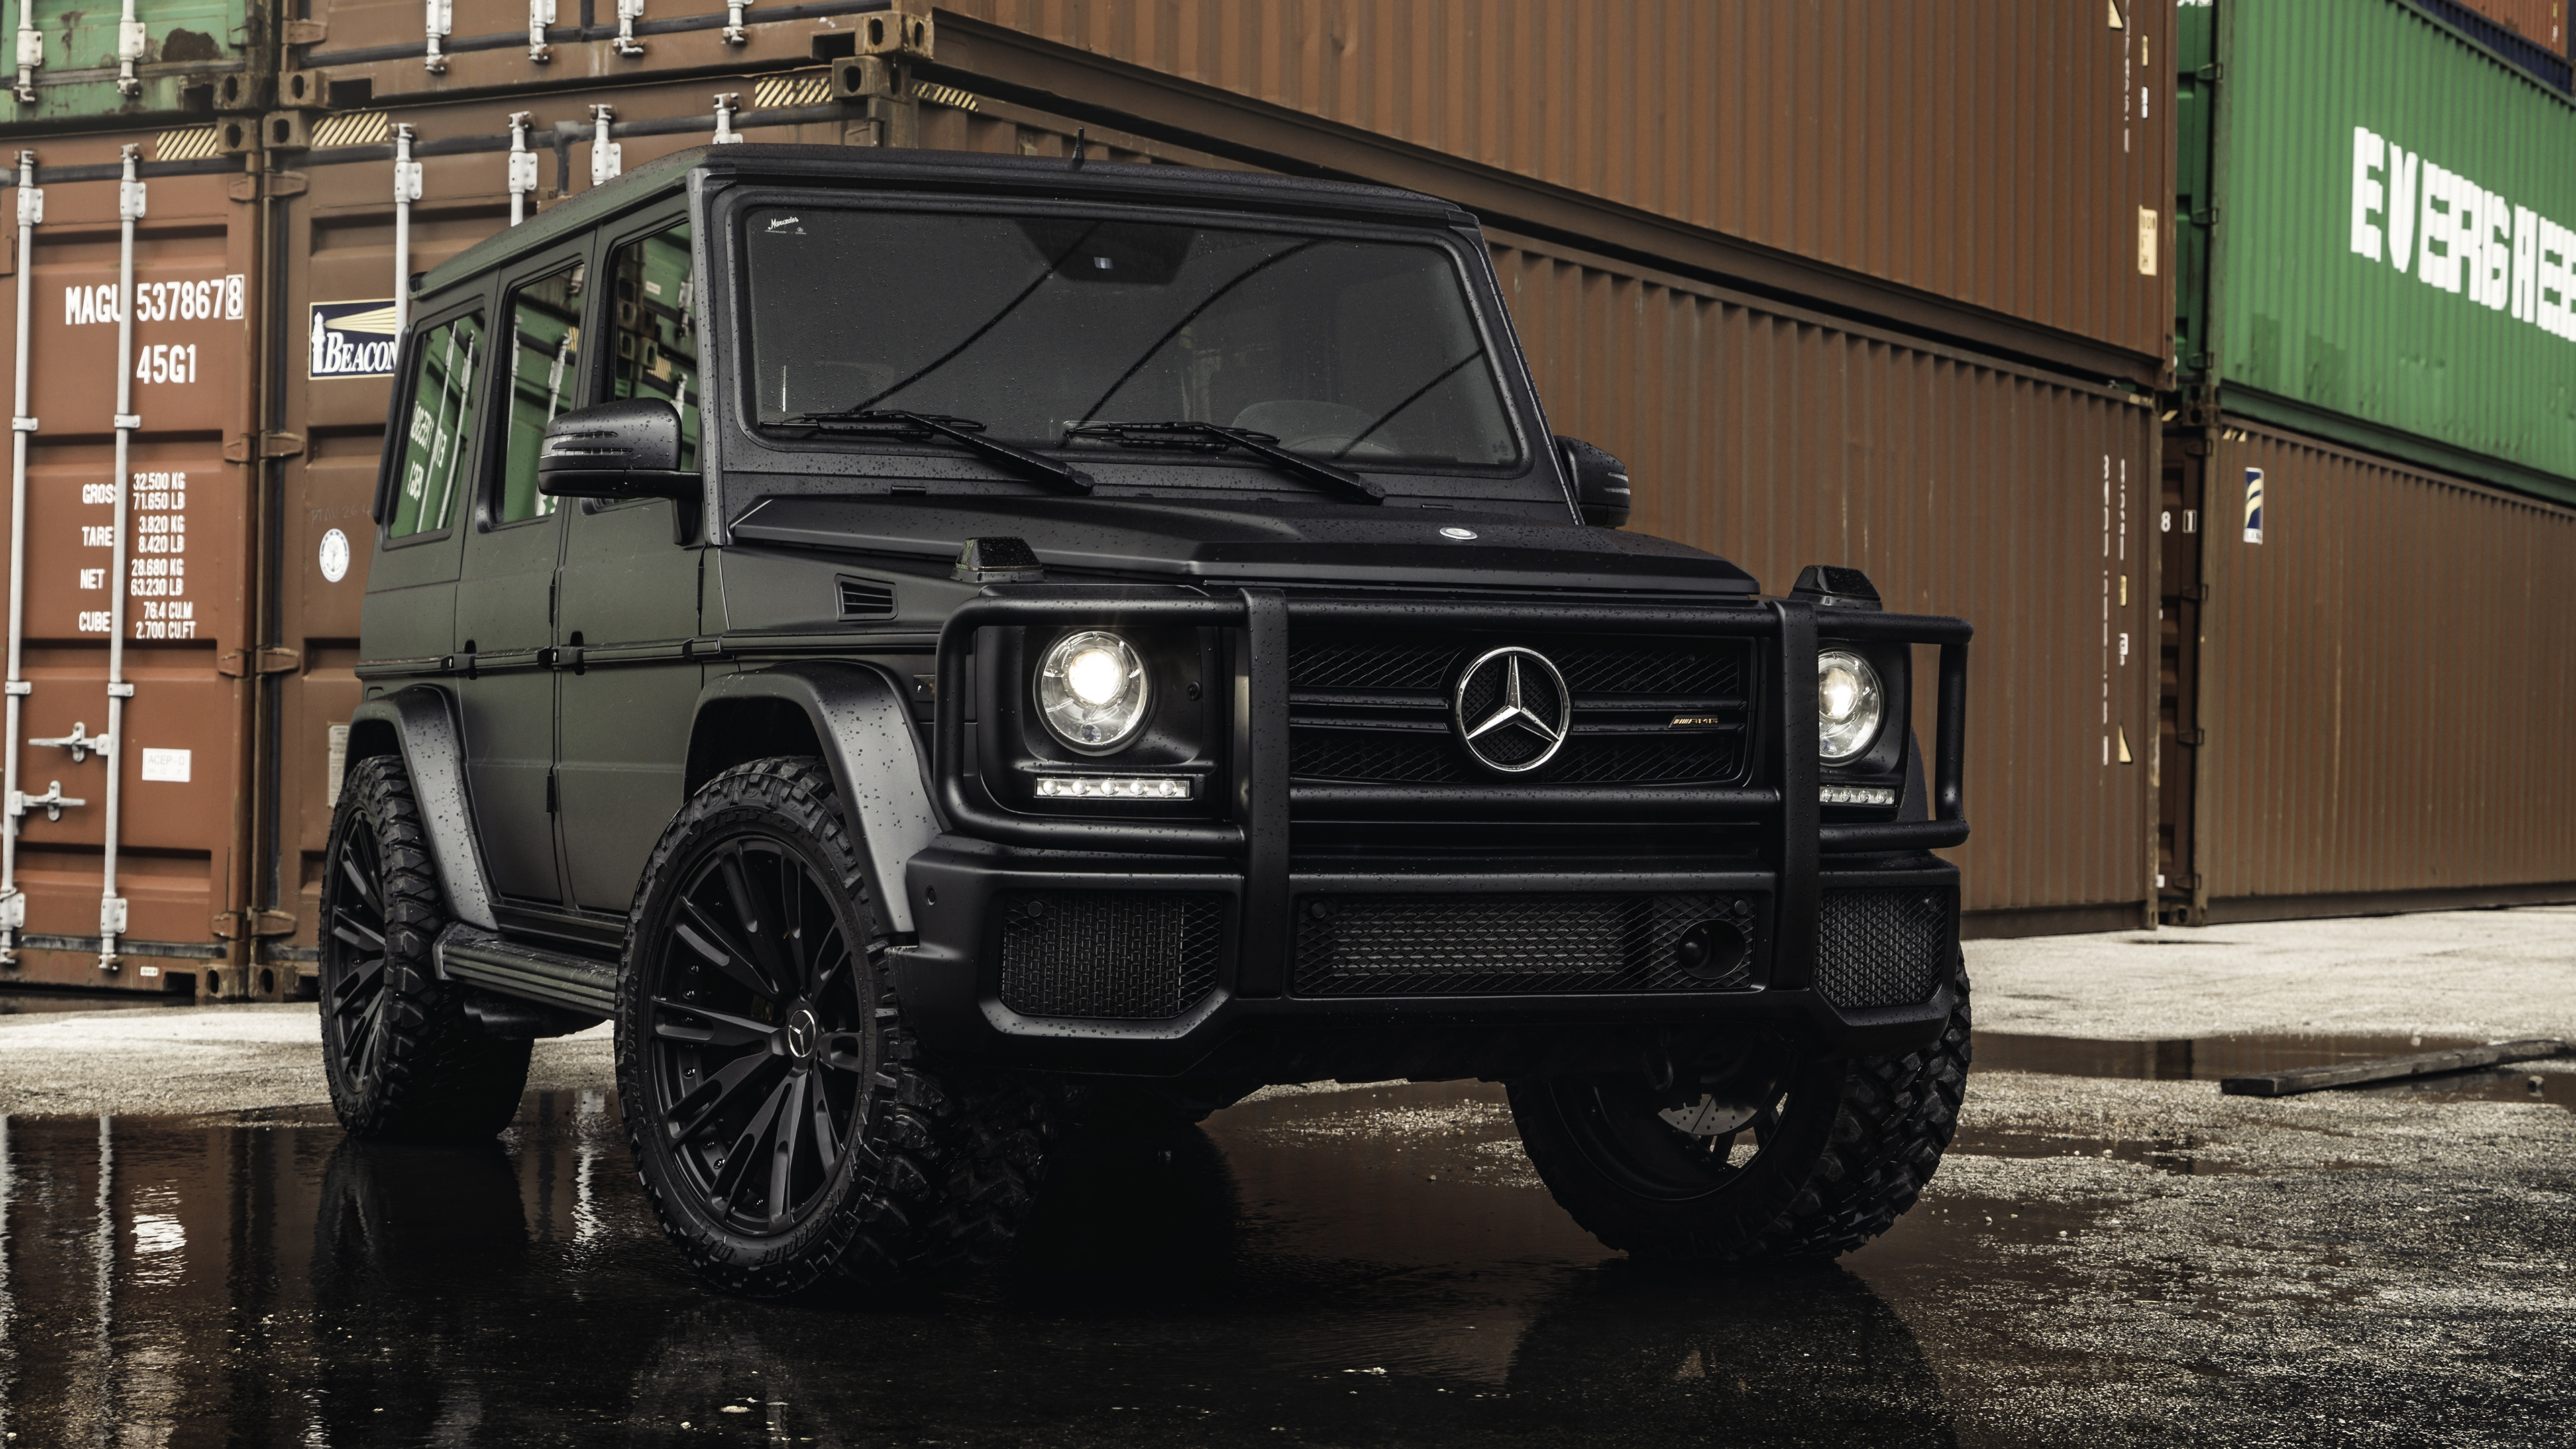 Фото Mercedes-Benz Гелентваген G63 AMG Черный машина Мерседес бенц G-класс черных черные черная авто машины автомобиль Автомобили